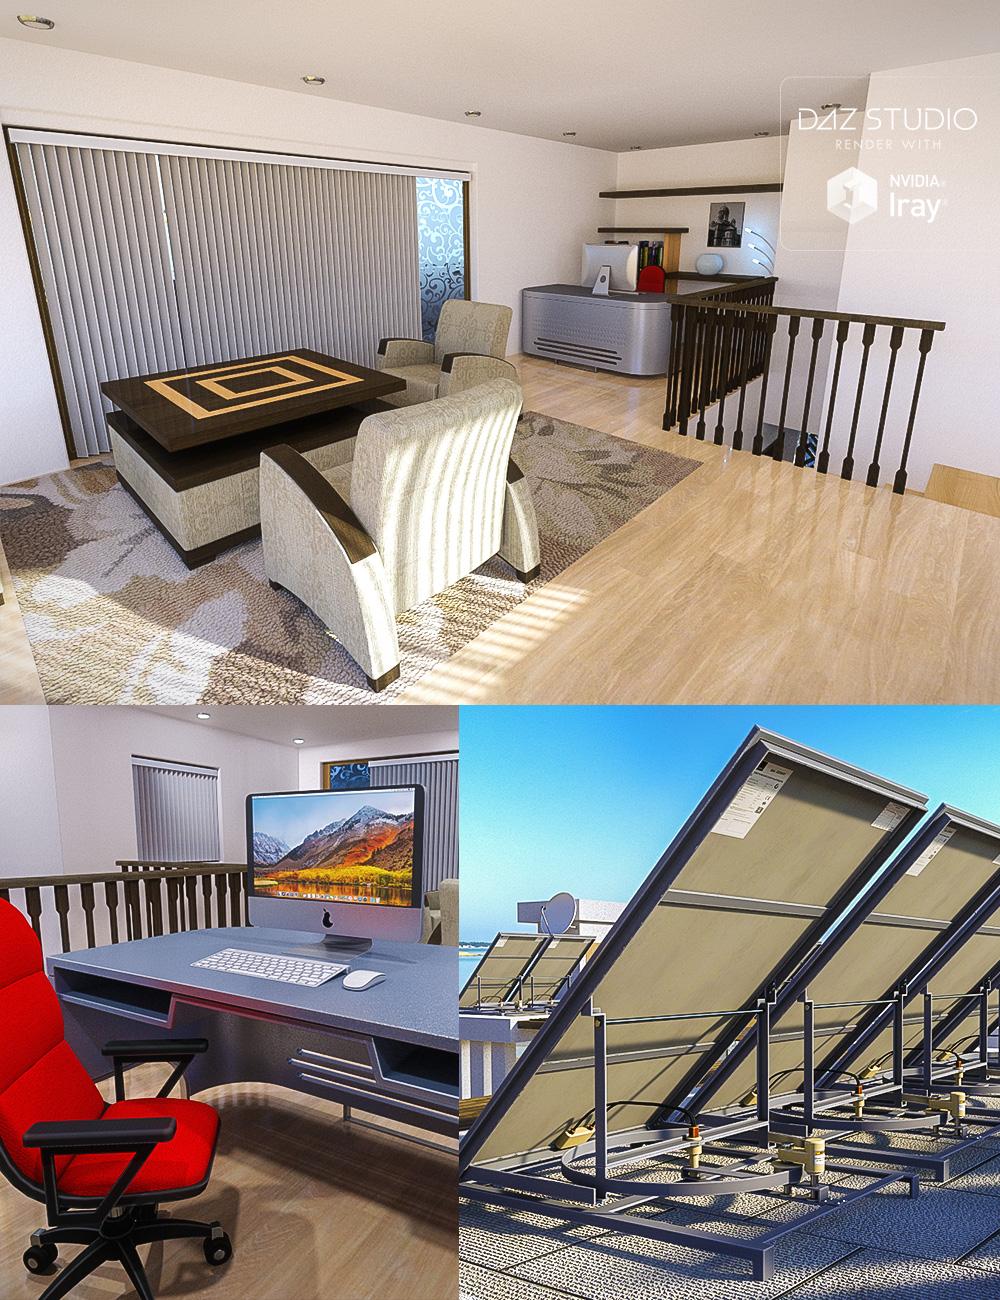 22 Parker Road Props - 3rd Floor by: petipet, 3D Models by Daz 3D